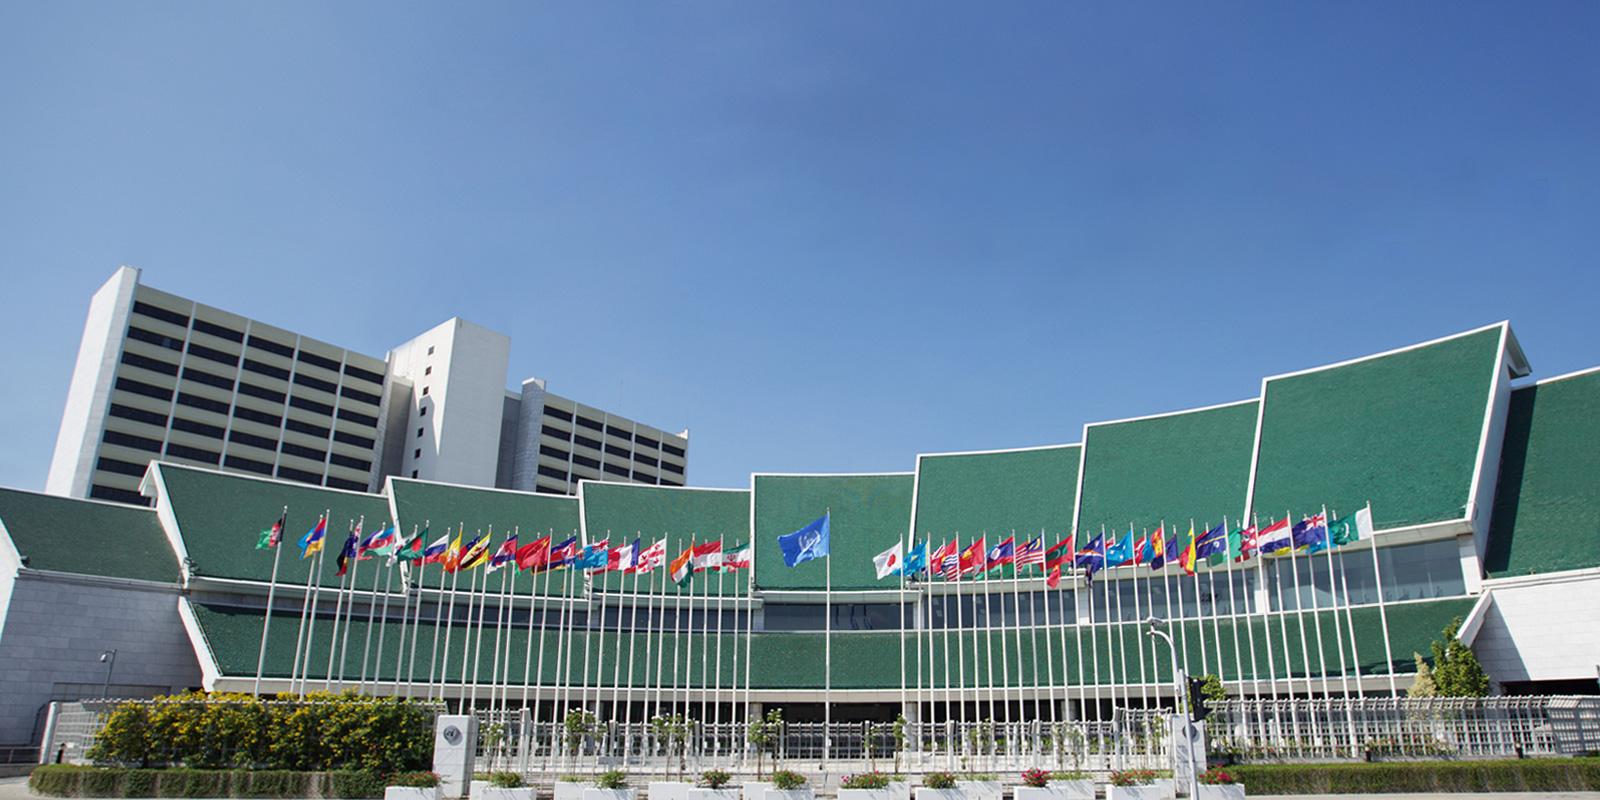 United Nations in Thailand. Bangkok, Thailand, May 12, 2017